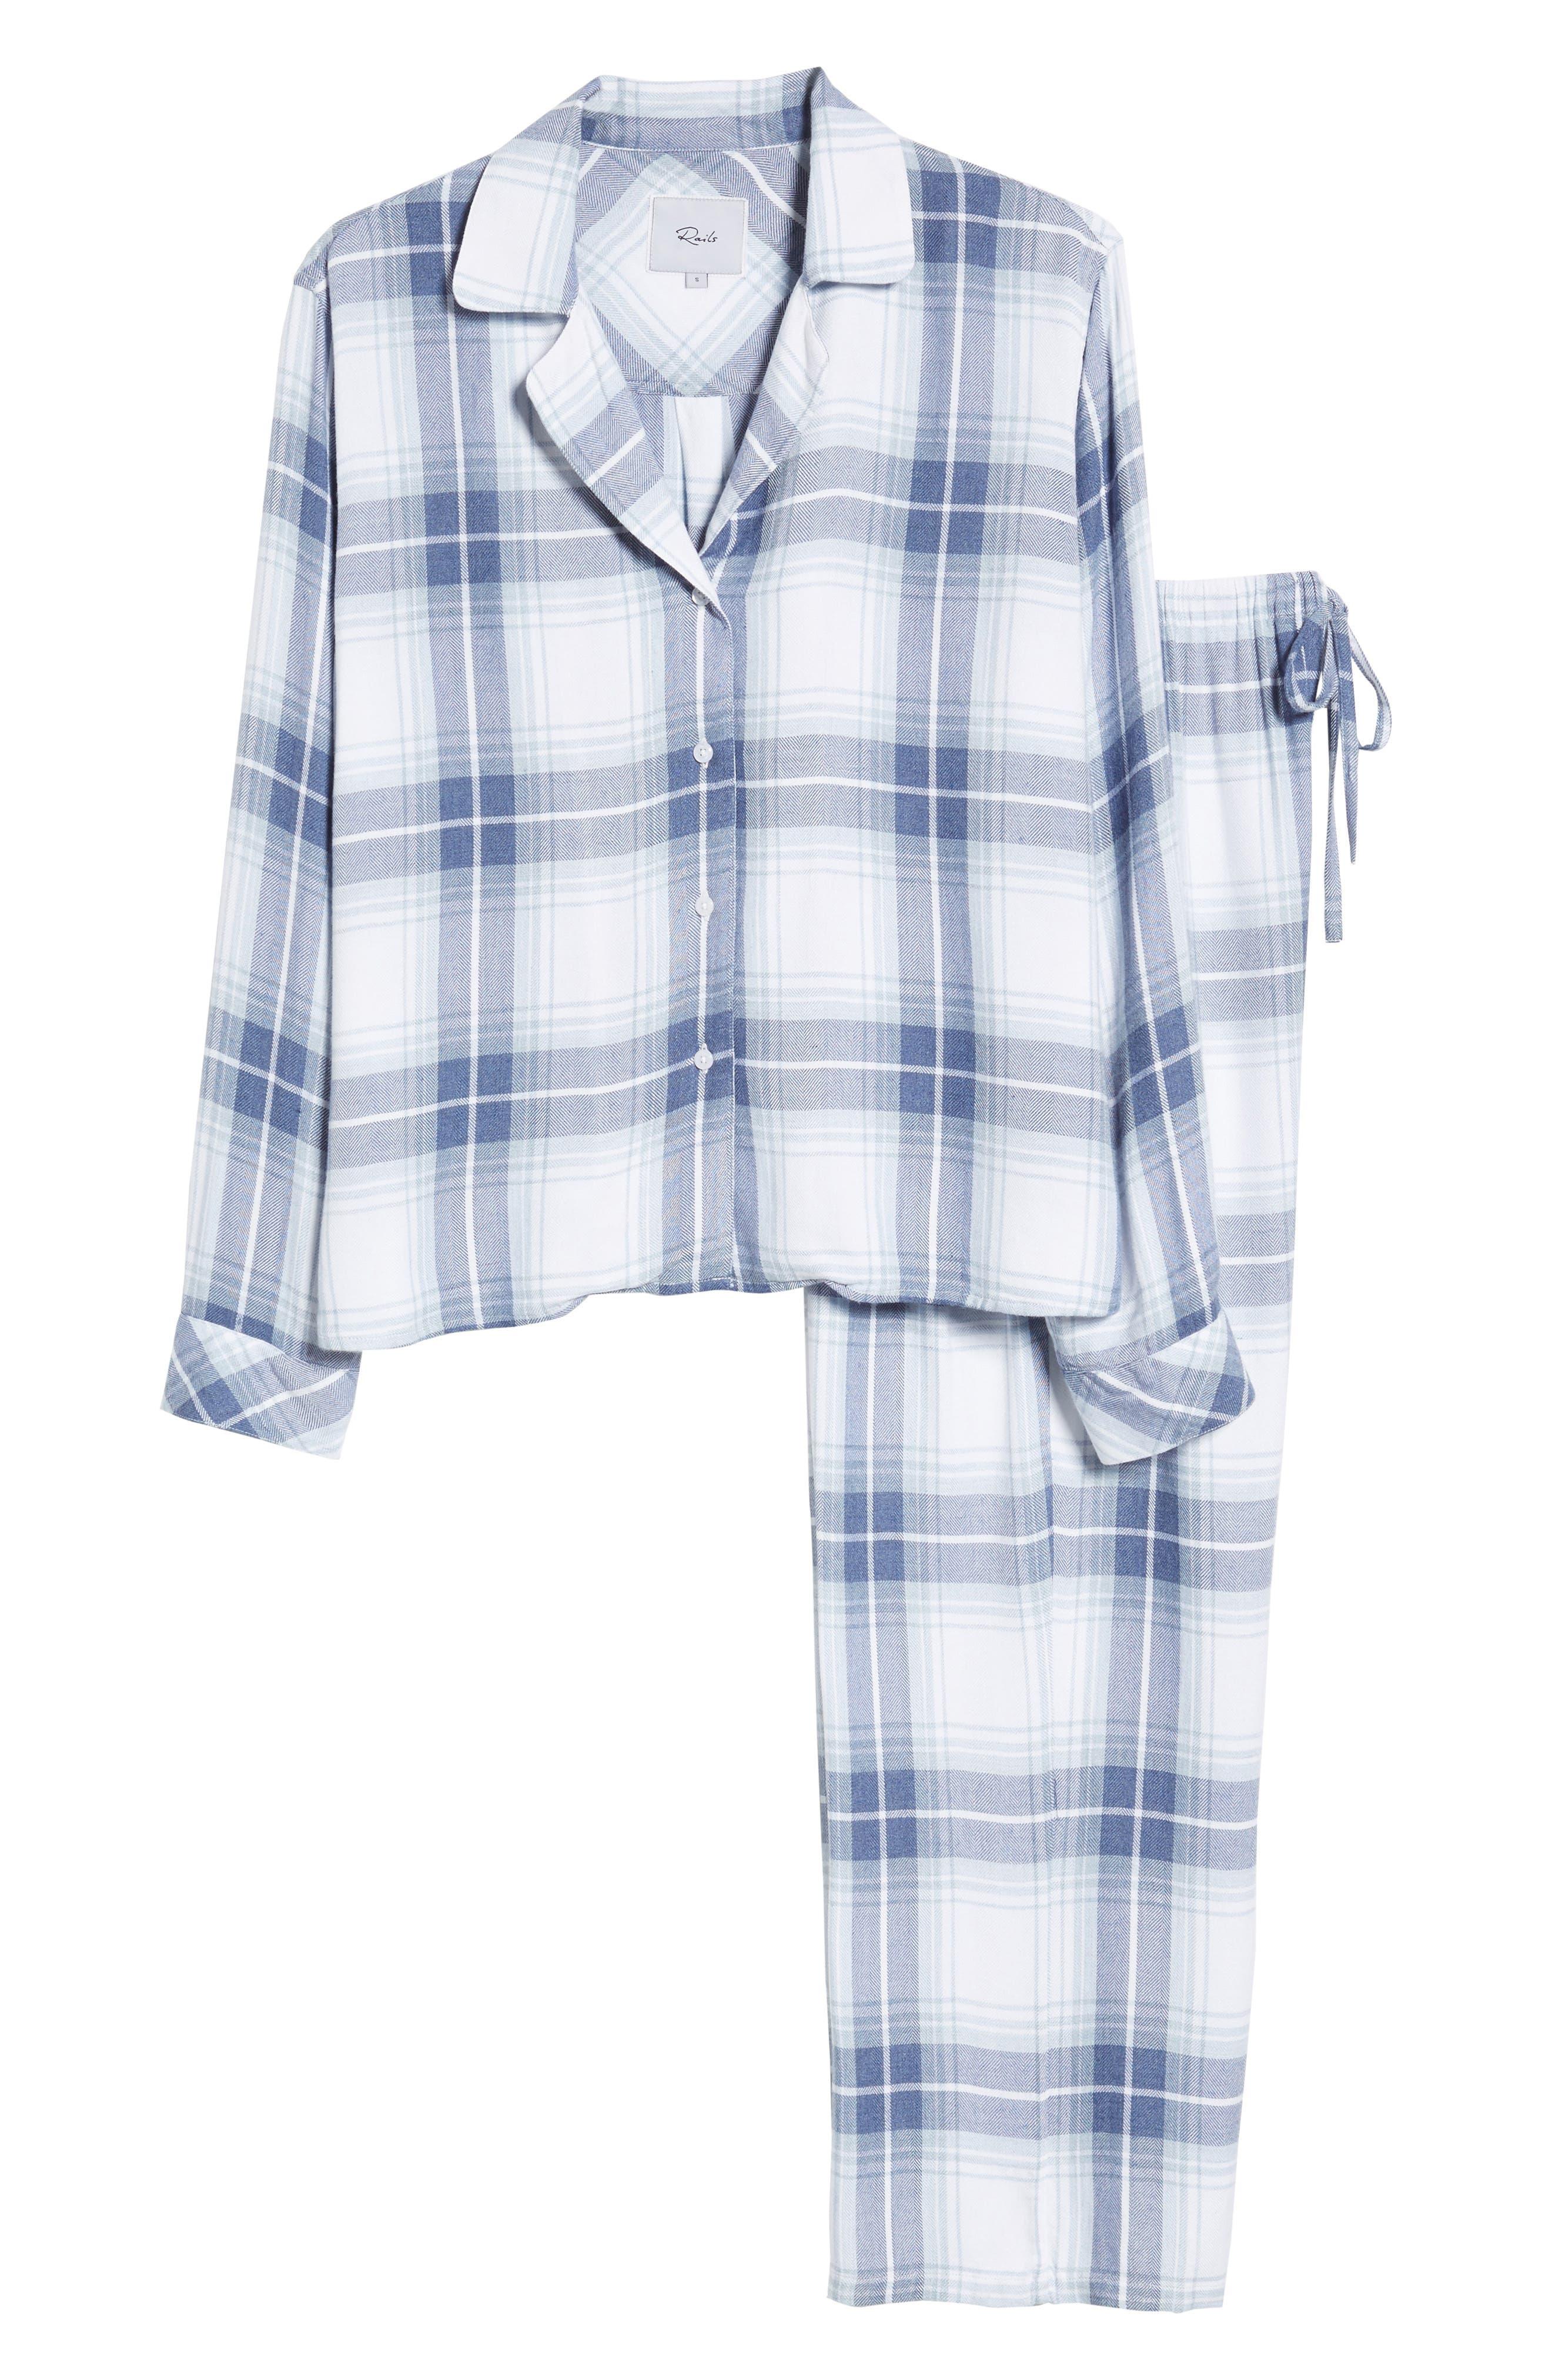 Plaid Pajamas,                             Alternate thumbnail 4, color,                             Pacific Sky White